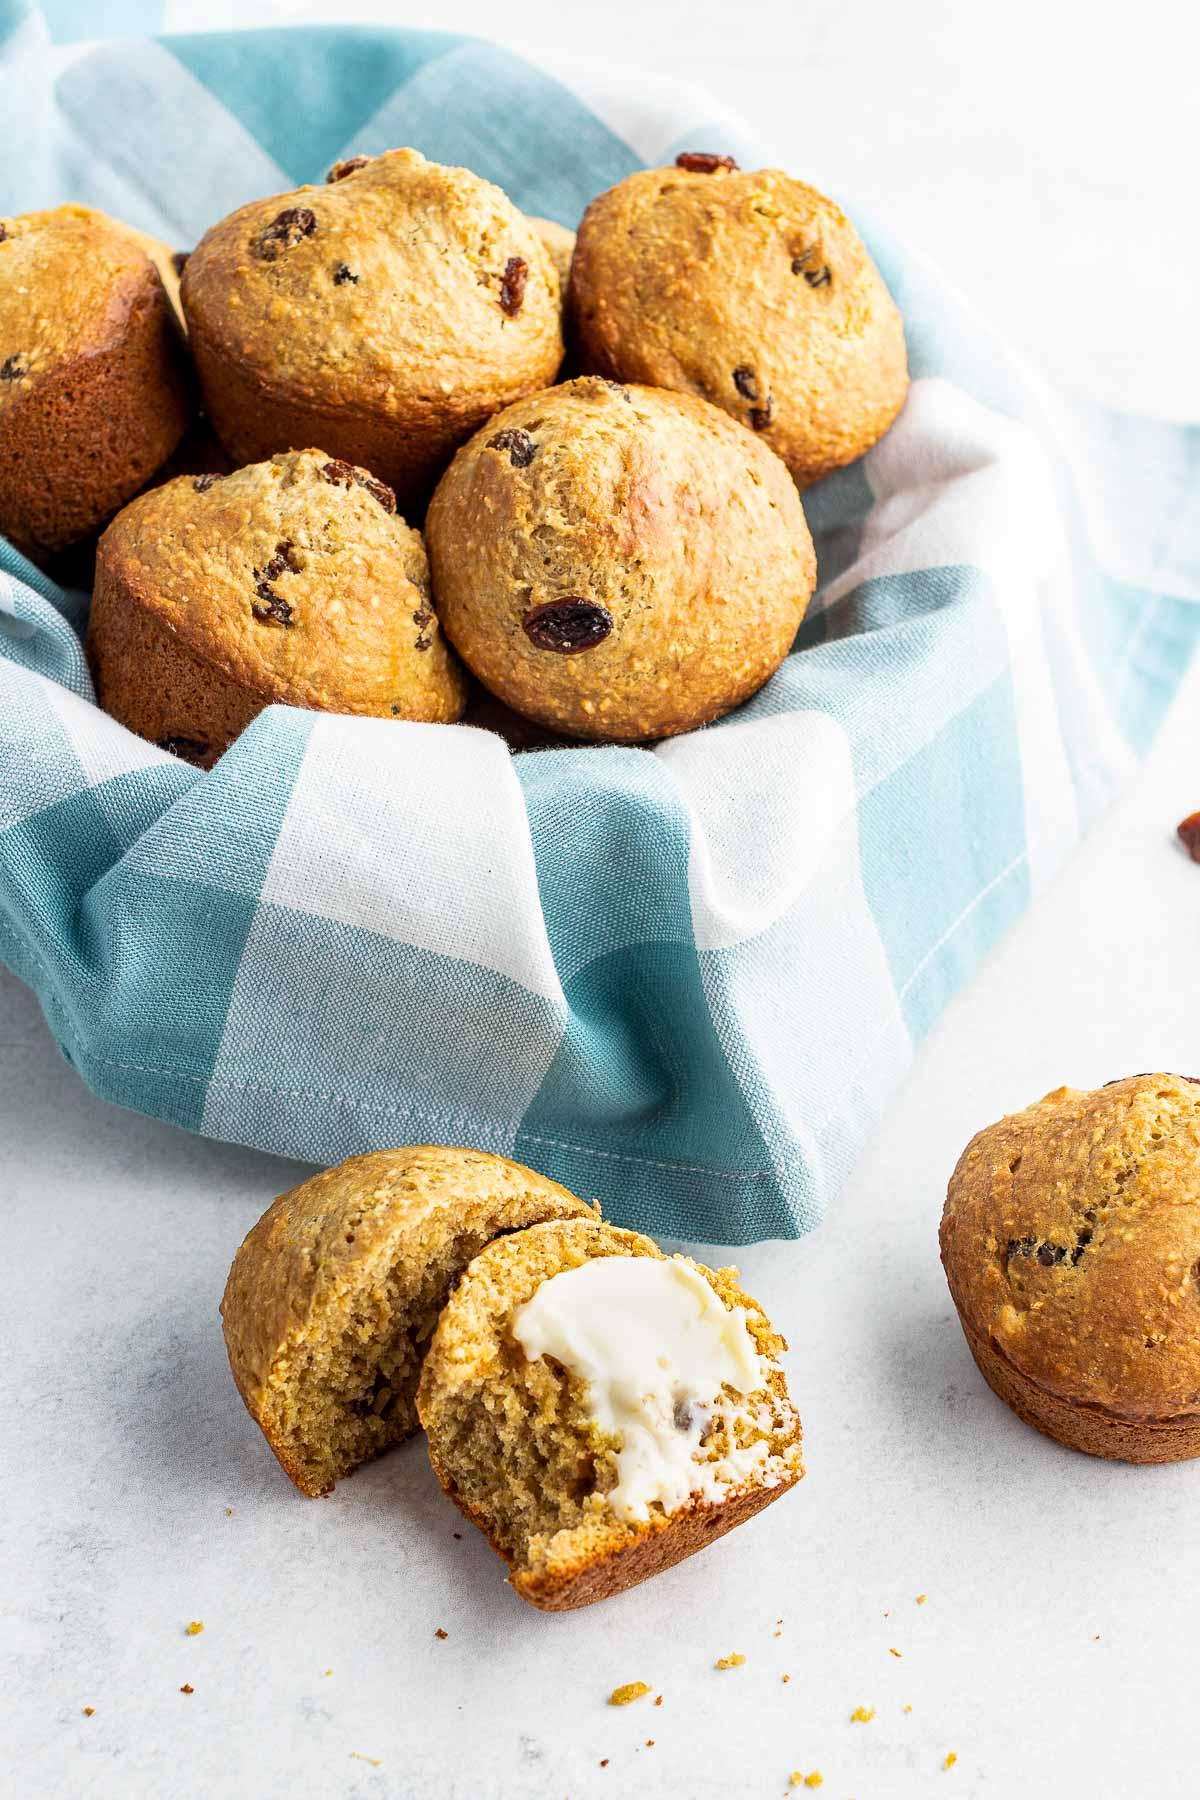 oat bran muffins in a basket